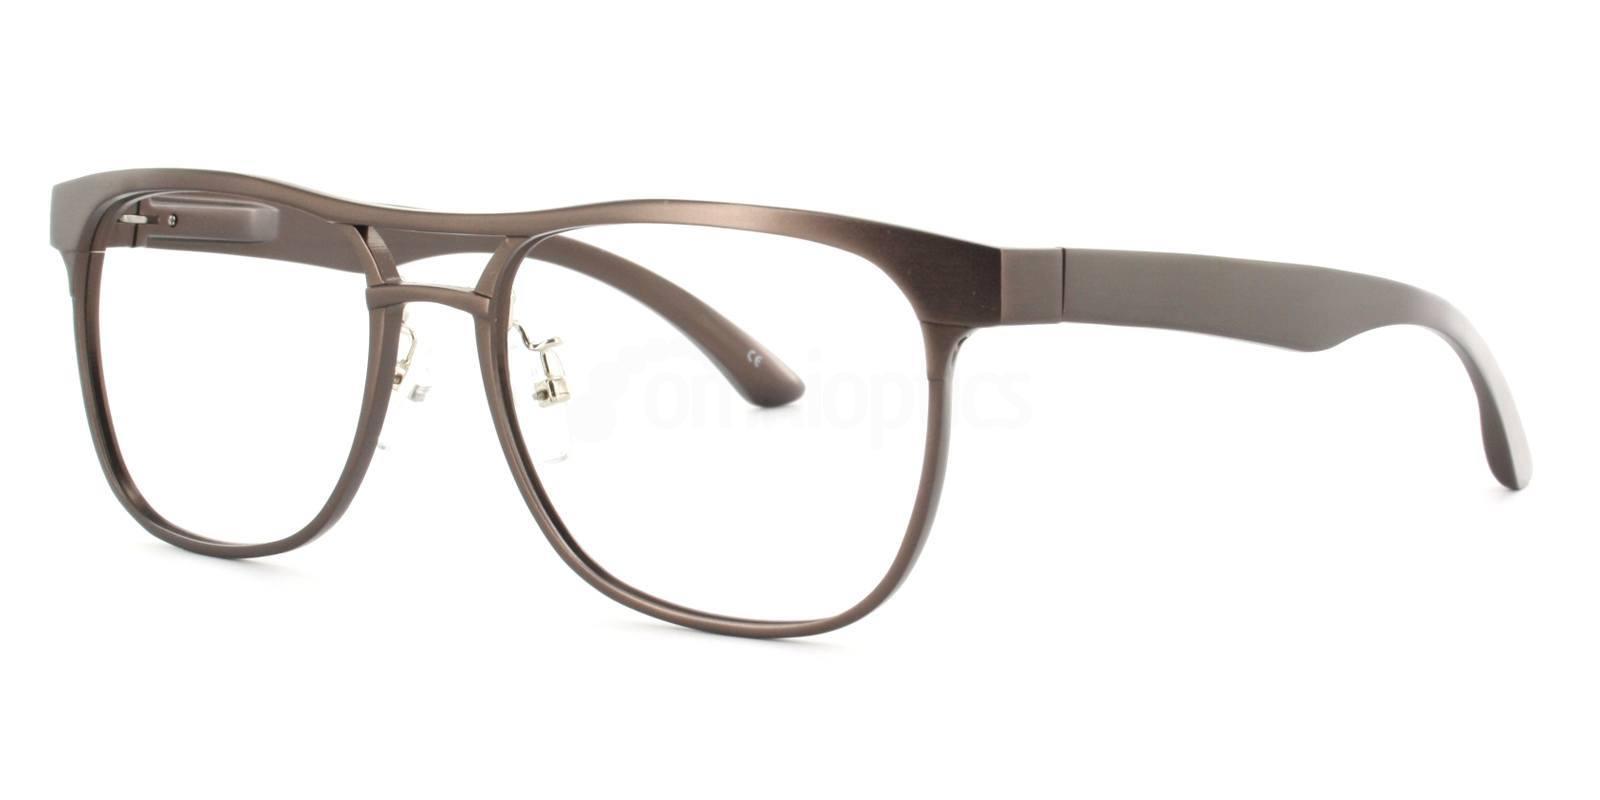 C8 GF072 Glasses, SelectSpecs